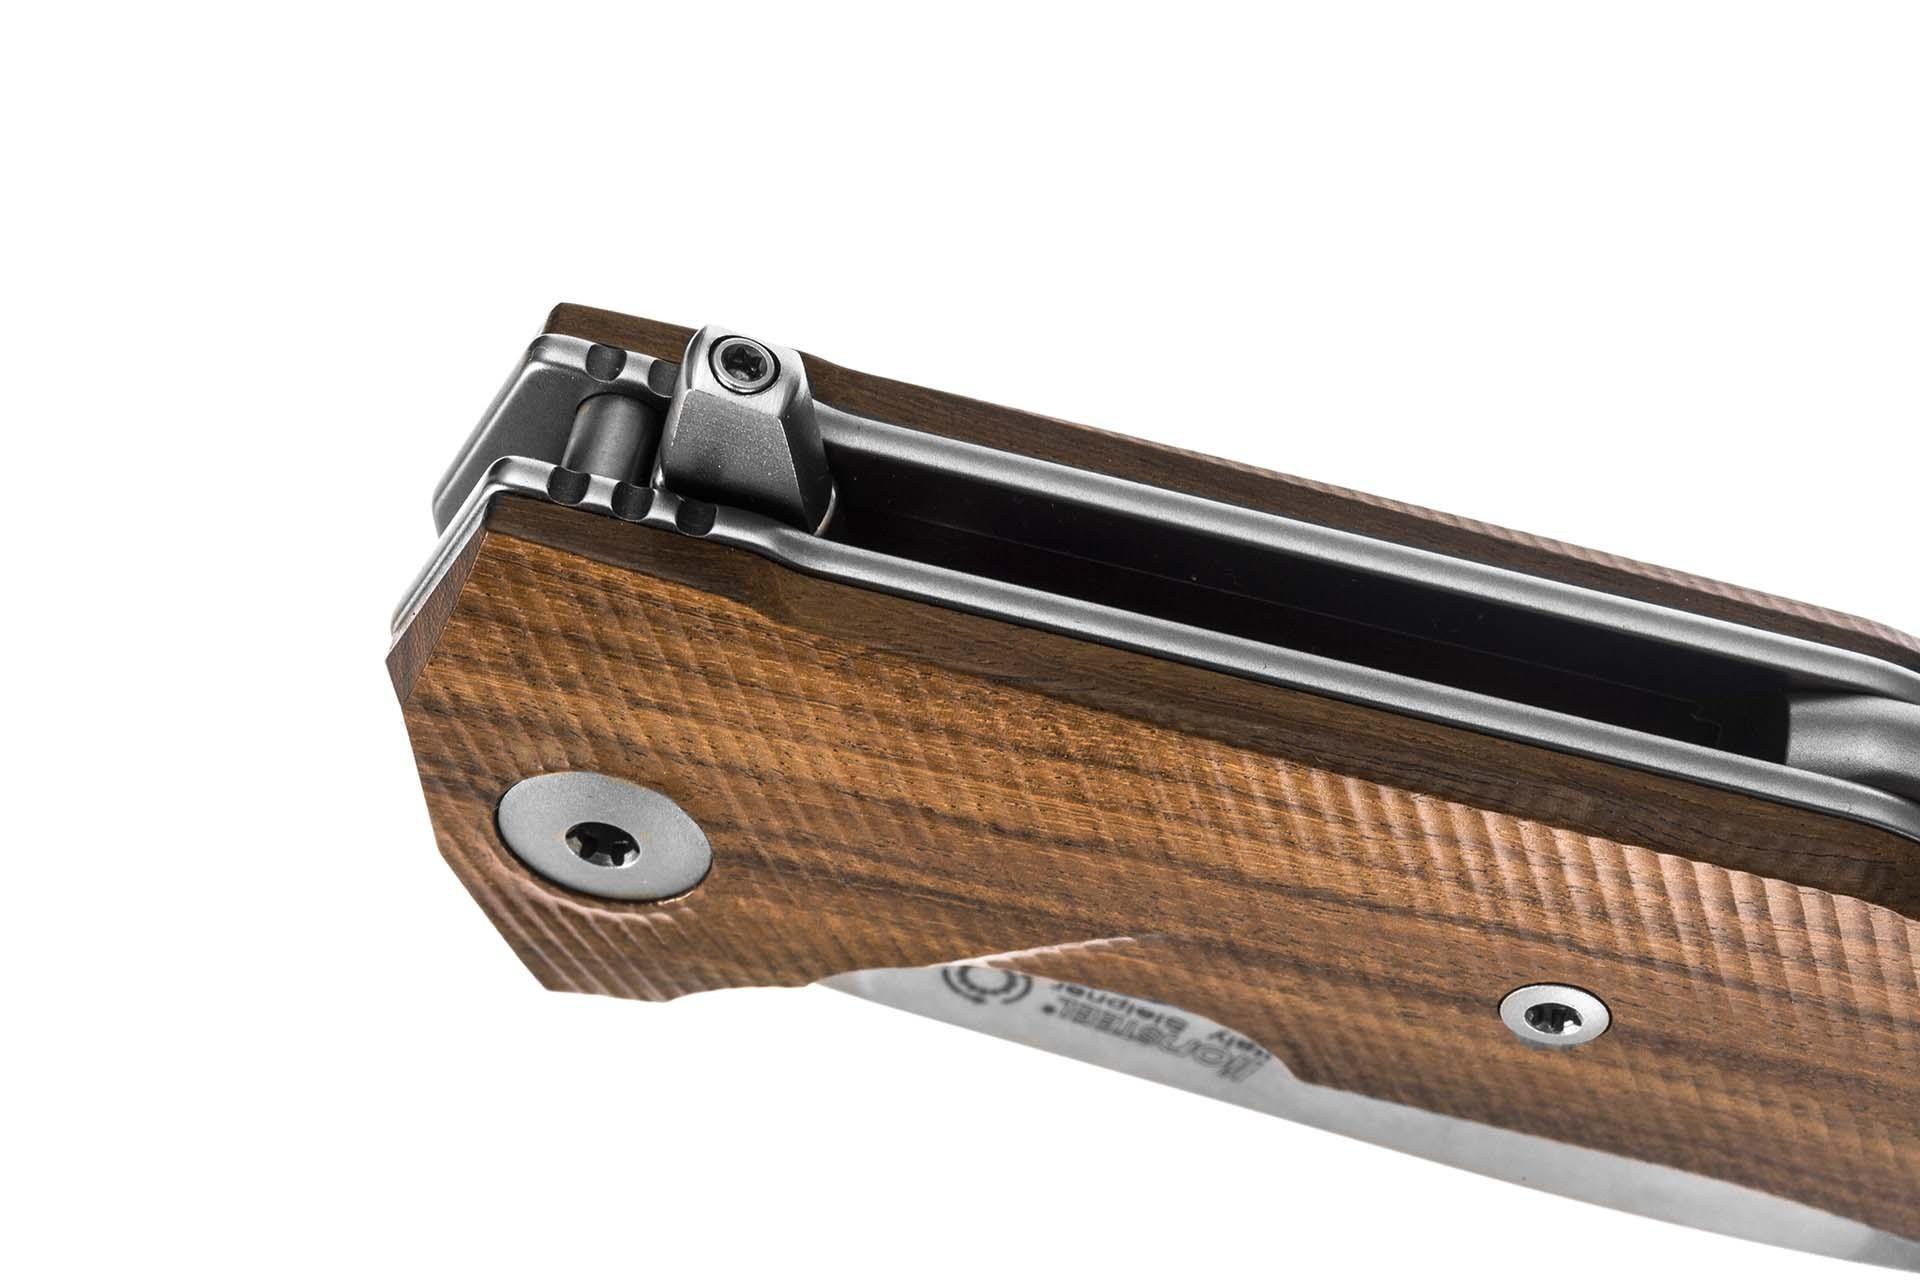 Фото 4 - Нож складной LionSteel KUR ST Santos Wood, сталь Stonewashed Uddeholm Sleipner®, рукоять палисандр от Lion Steel